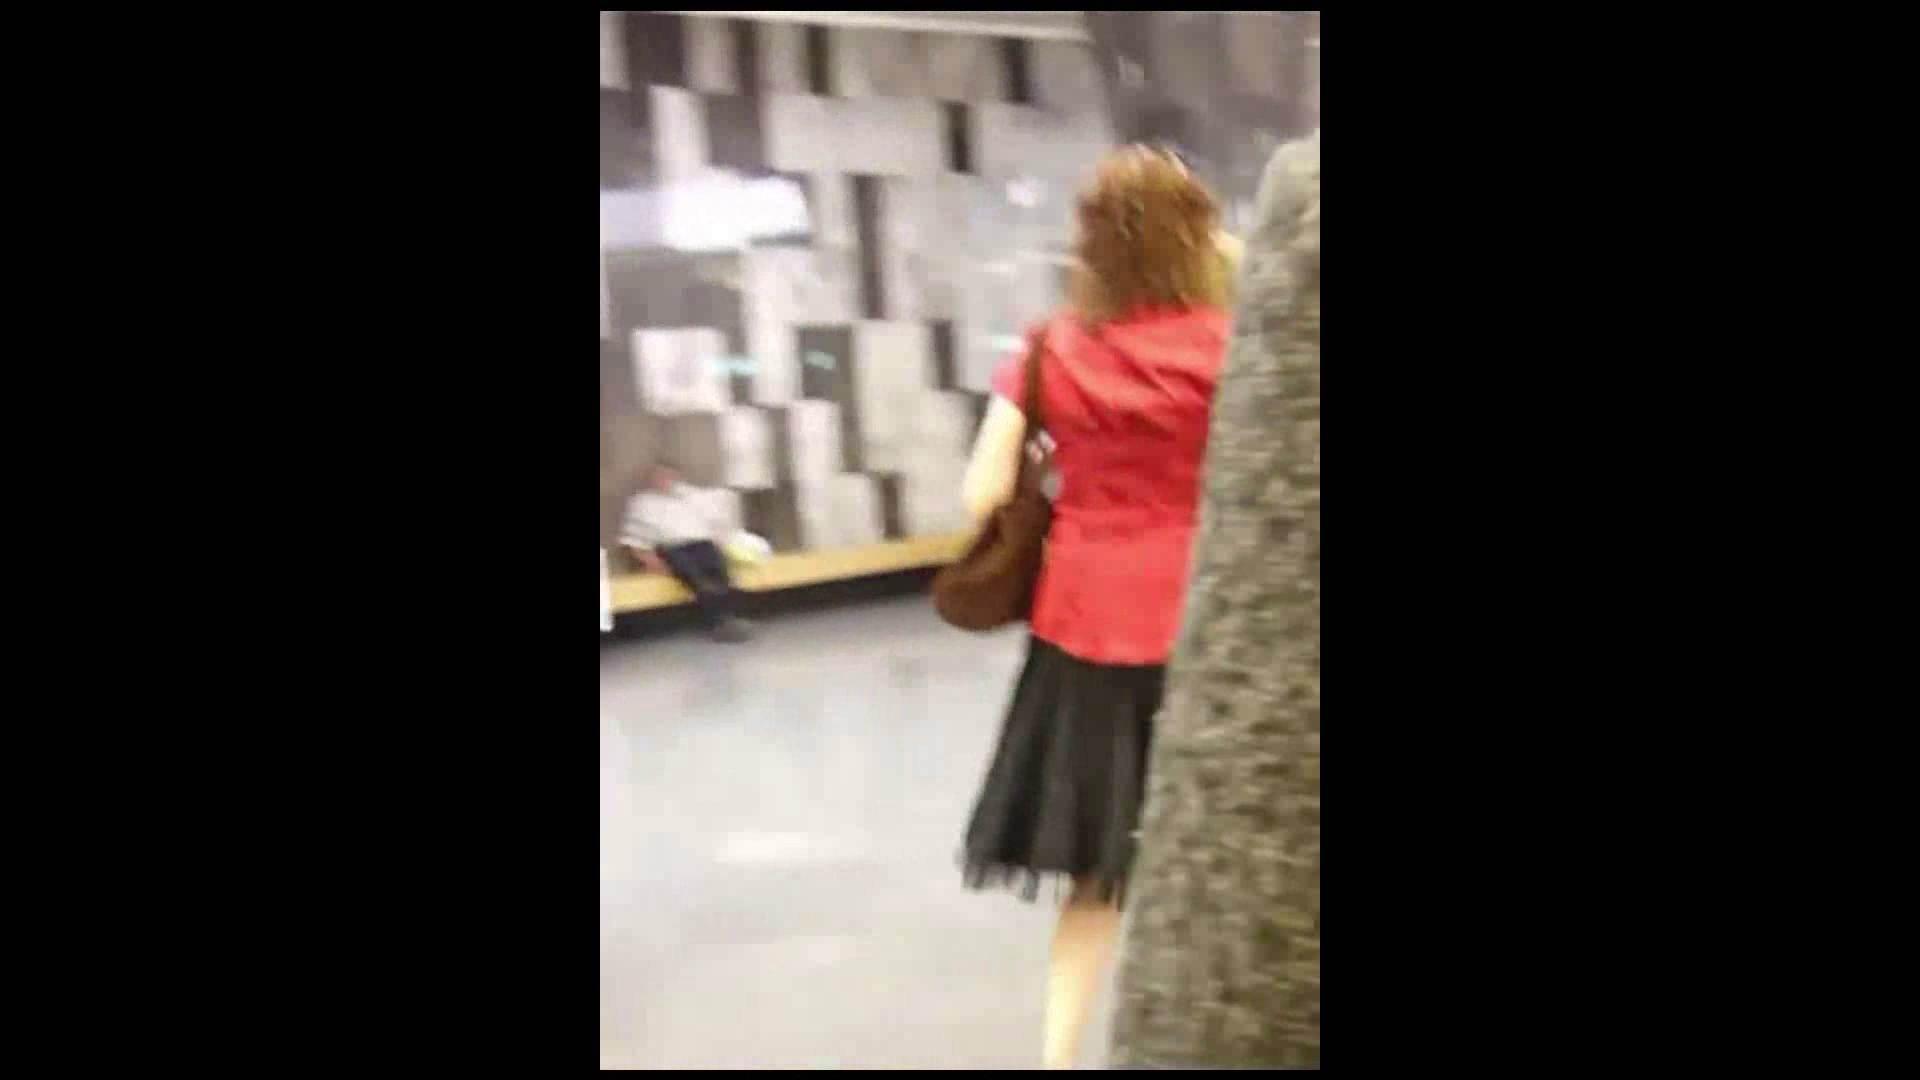 綺麗なモデルさんのスカート捲っちゃおう‼vol03 OLエロ画像  30PICs 22